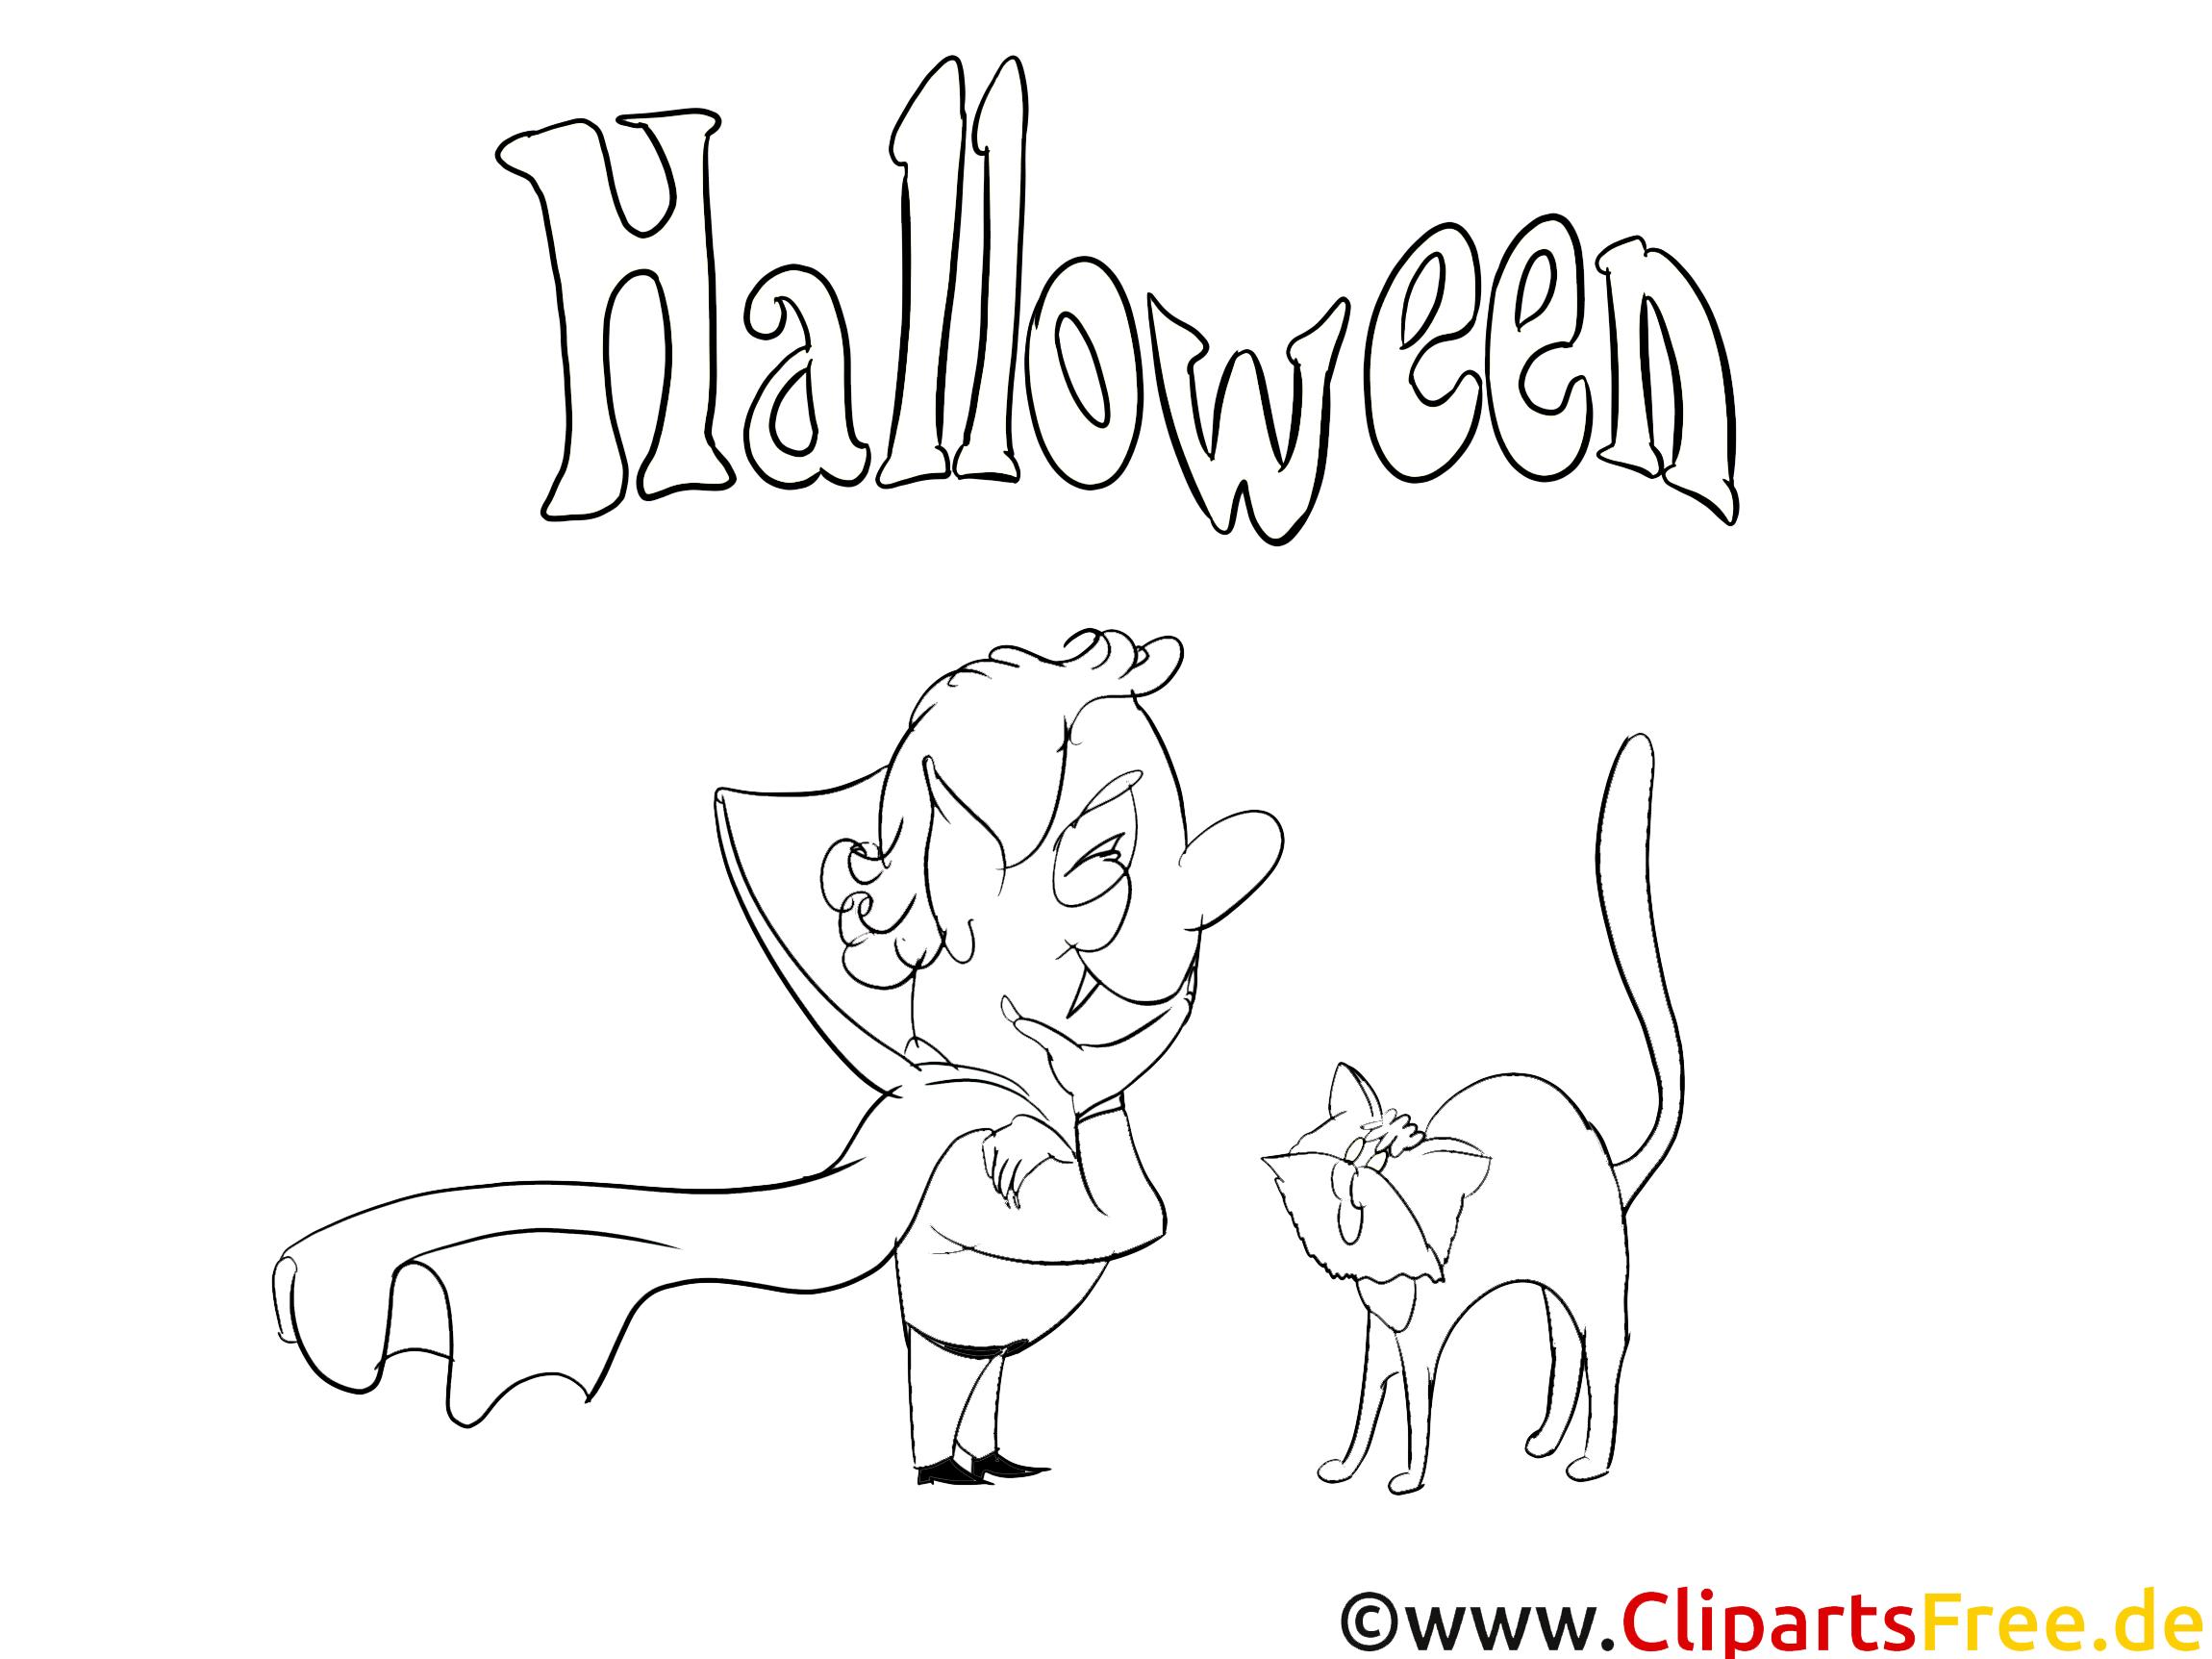 Malvorlage für Erwachsene Halloween